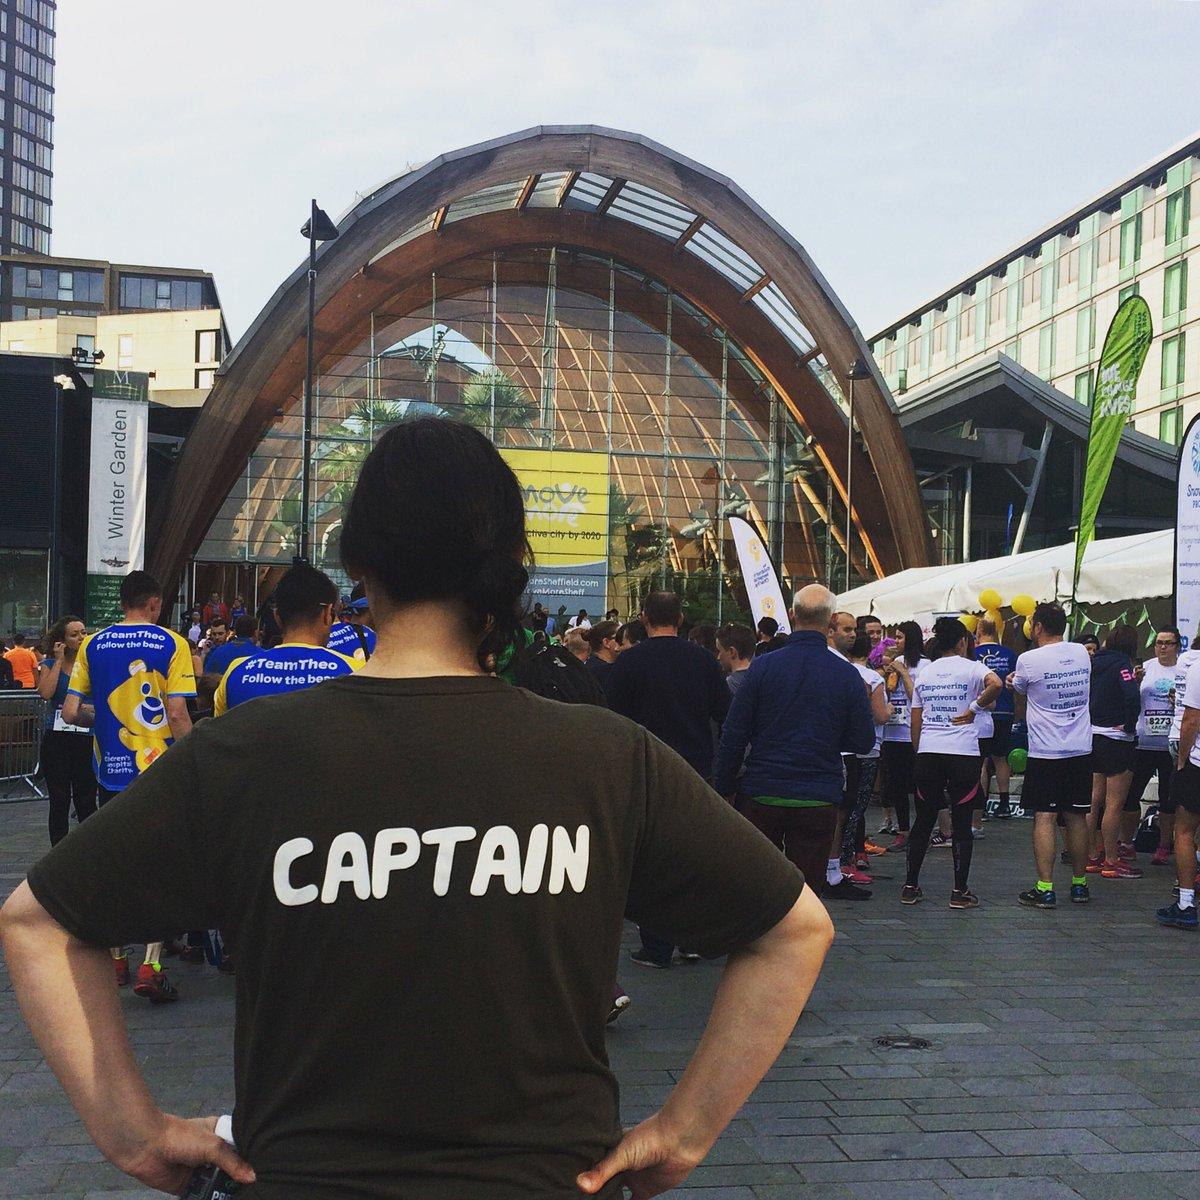 RT @HopHideout: Wish us luck! #Sheffield10k #mikkellerrunningclub @mikkellerrc https://t.co/dbCLvEhmTL